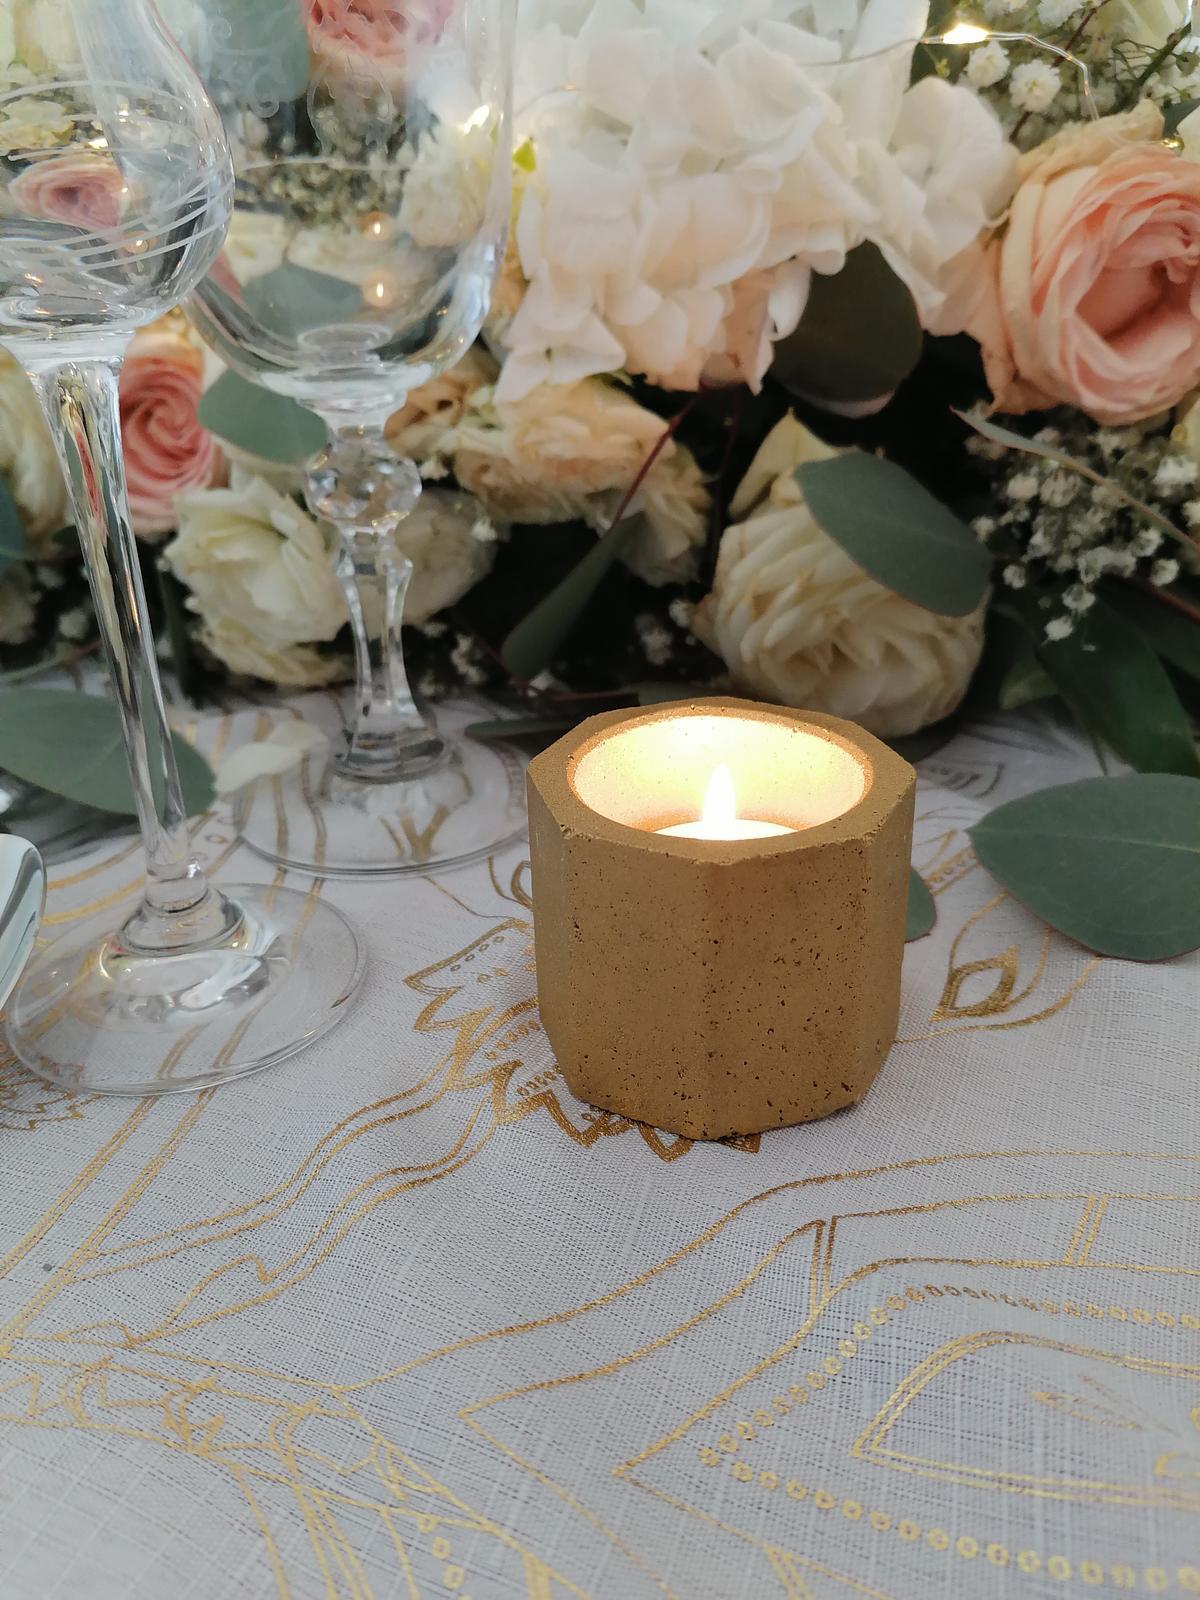 Zlaté svietniky na svadbu - Obrázok č. 1